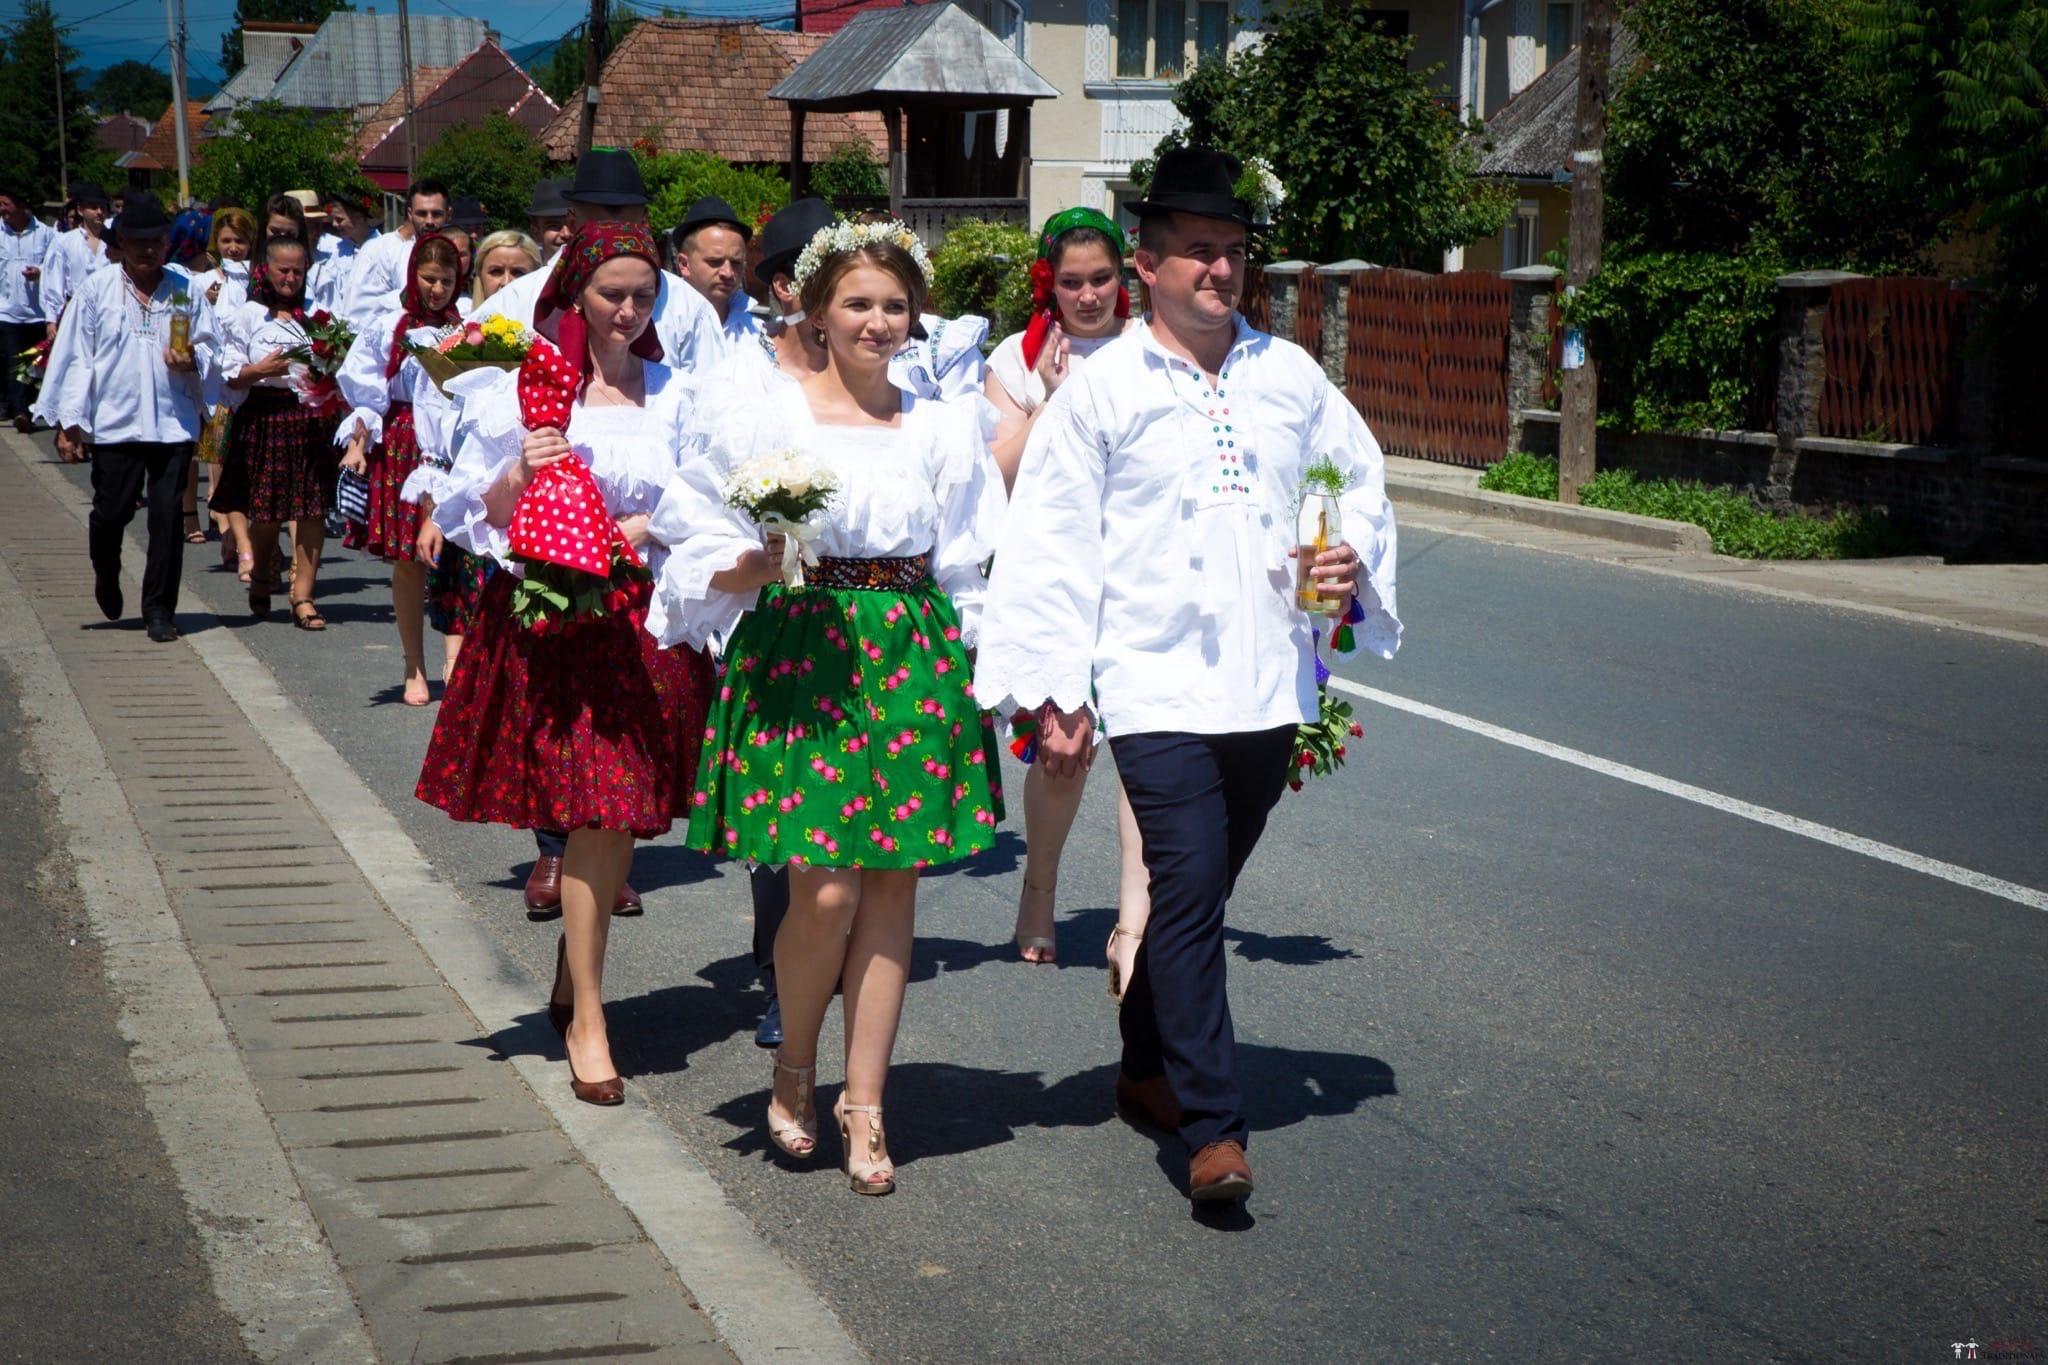 Povești Nunți Tradiționale - Ancuța și Nicu, cununie tradițională în Giulești, Maramureș 17